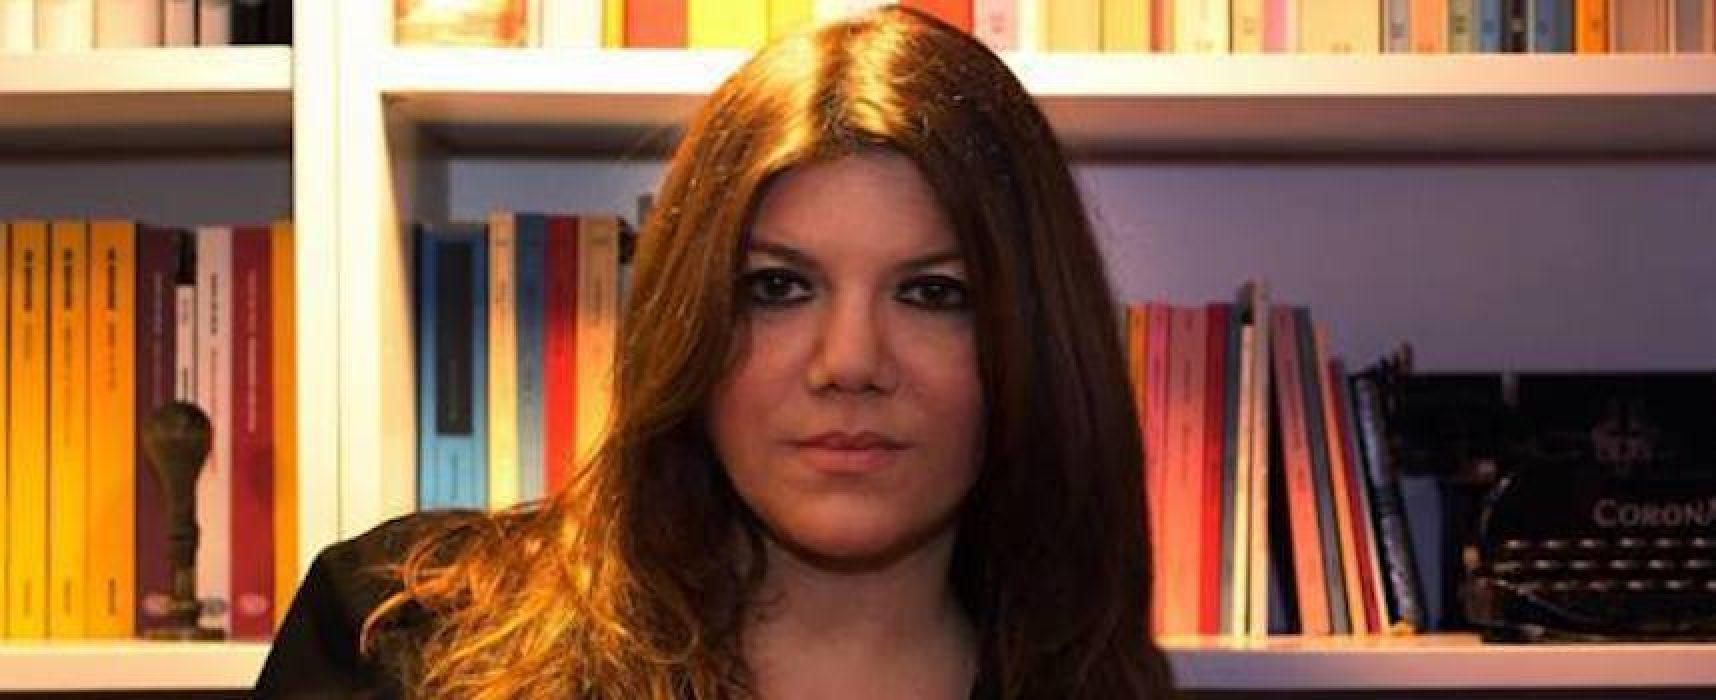 La scrittrice Gabriella Genisi torna a Bisceglie ospite della libreria Prendi Luna